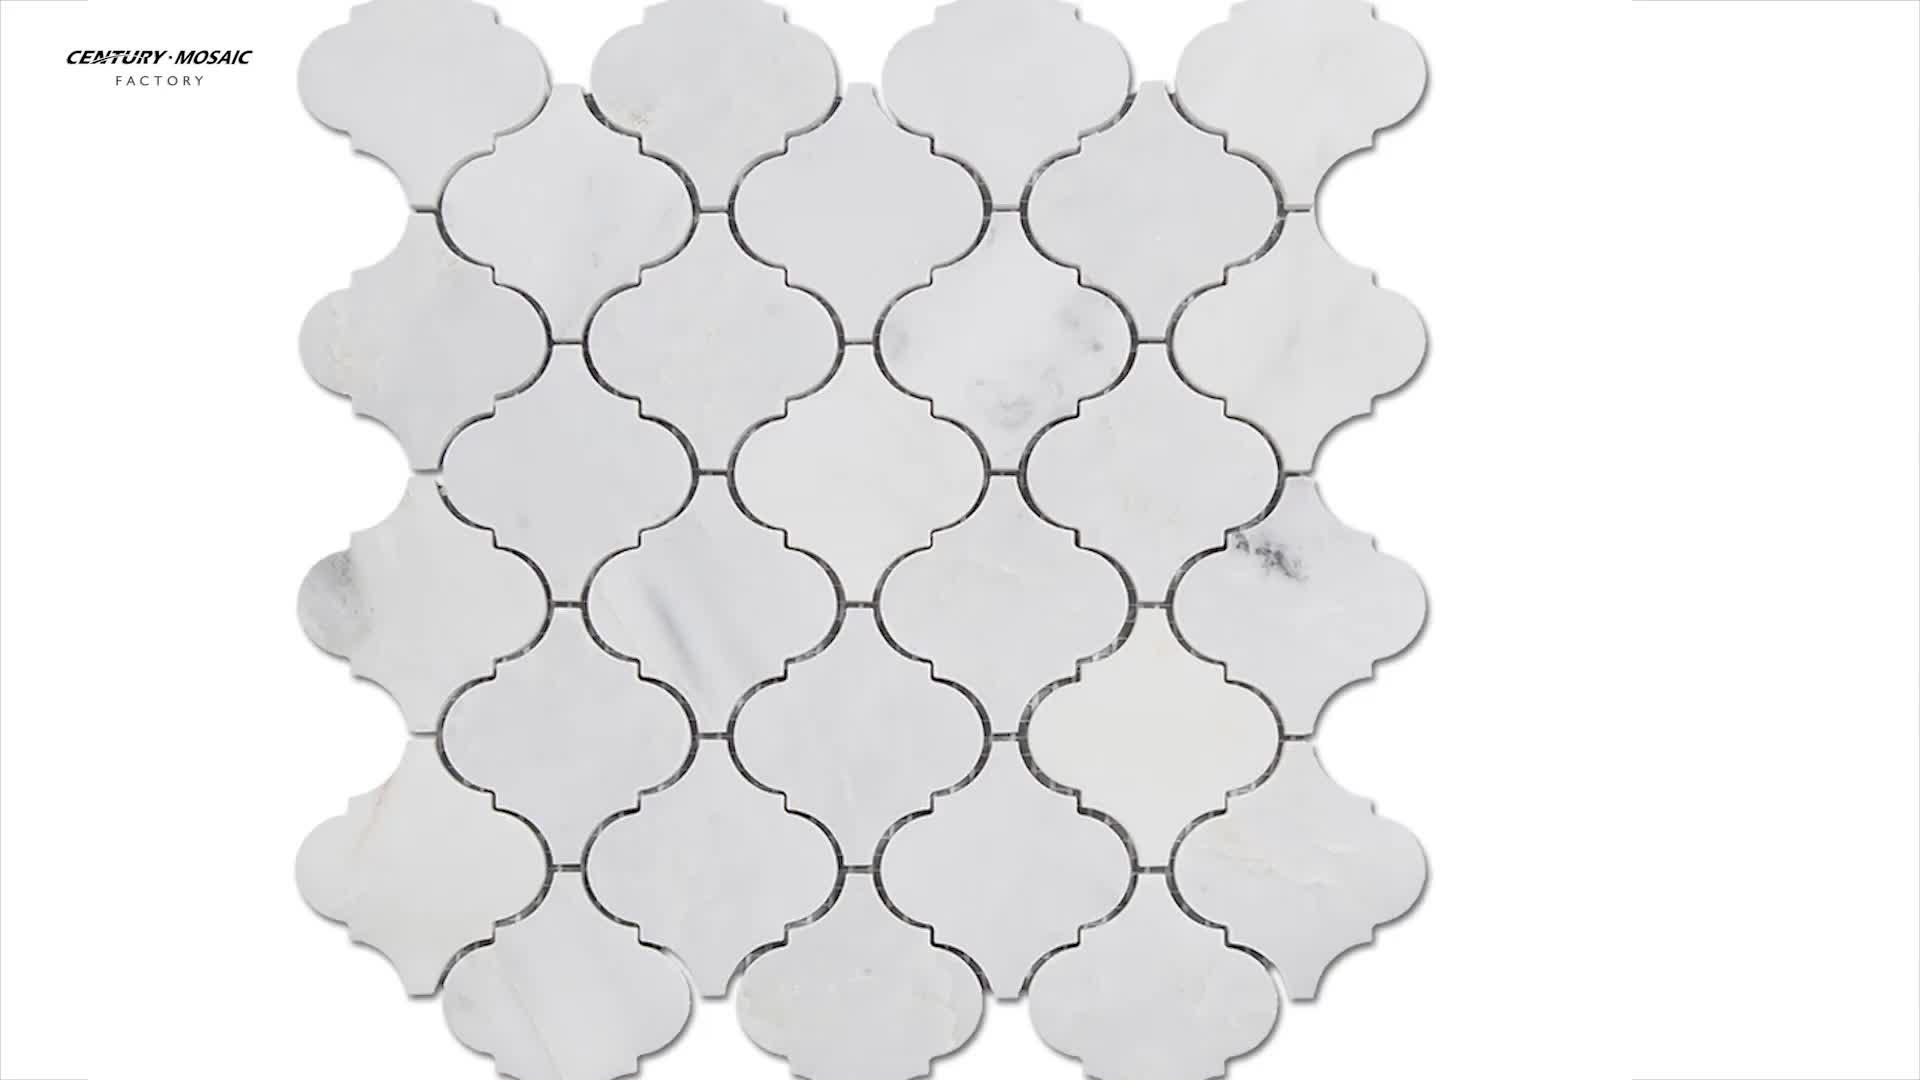 The Oriental White Marble Arabesque Lantern Mosaic Bathroom Kitchen Wall Tile